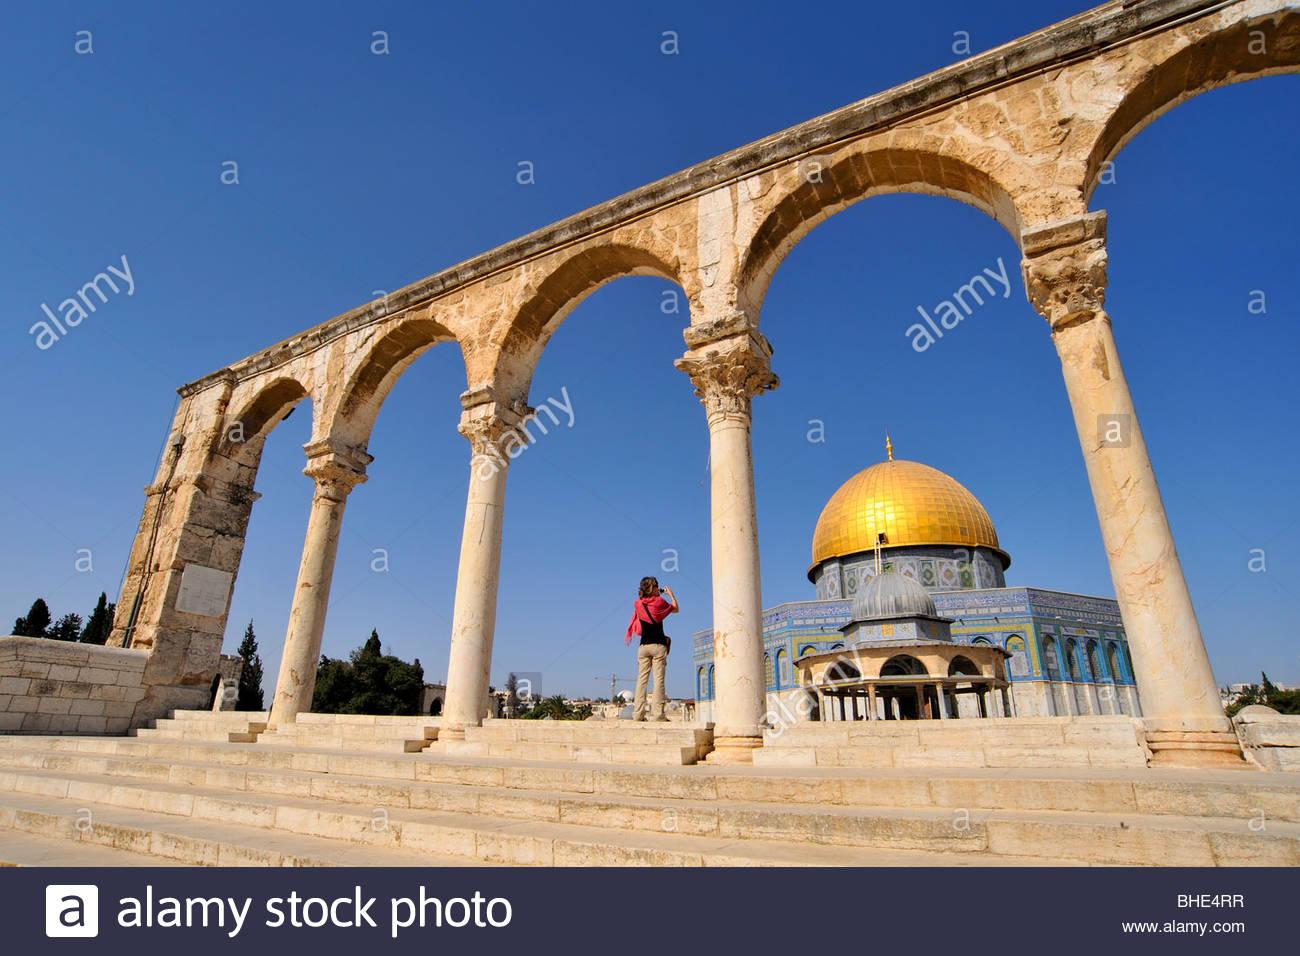 La cúpula de la roca, el Monte del Templo, el noble santuario, Jerusalem, Israel Imagen De Stock